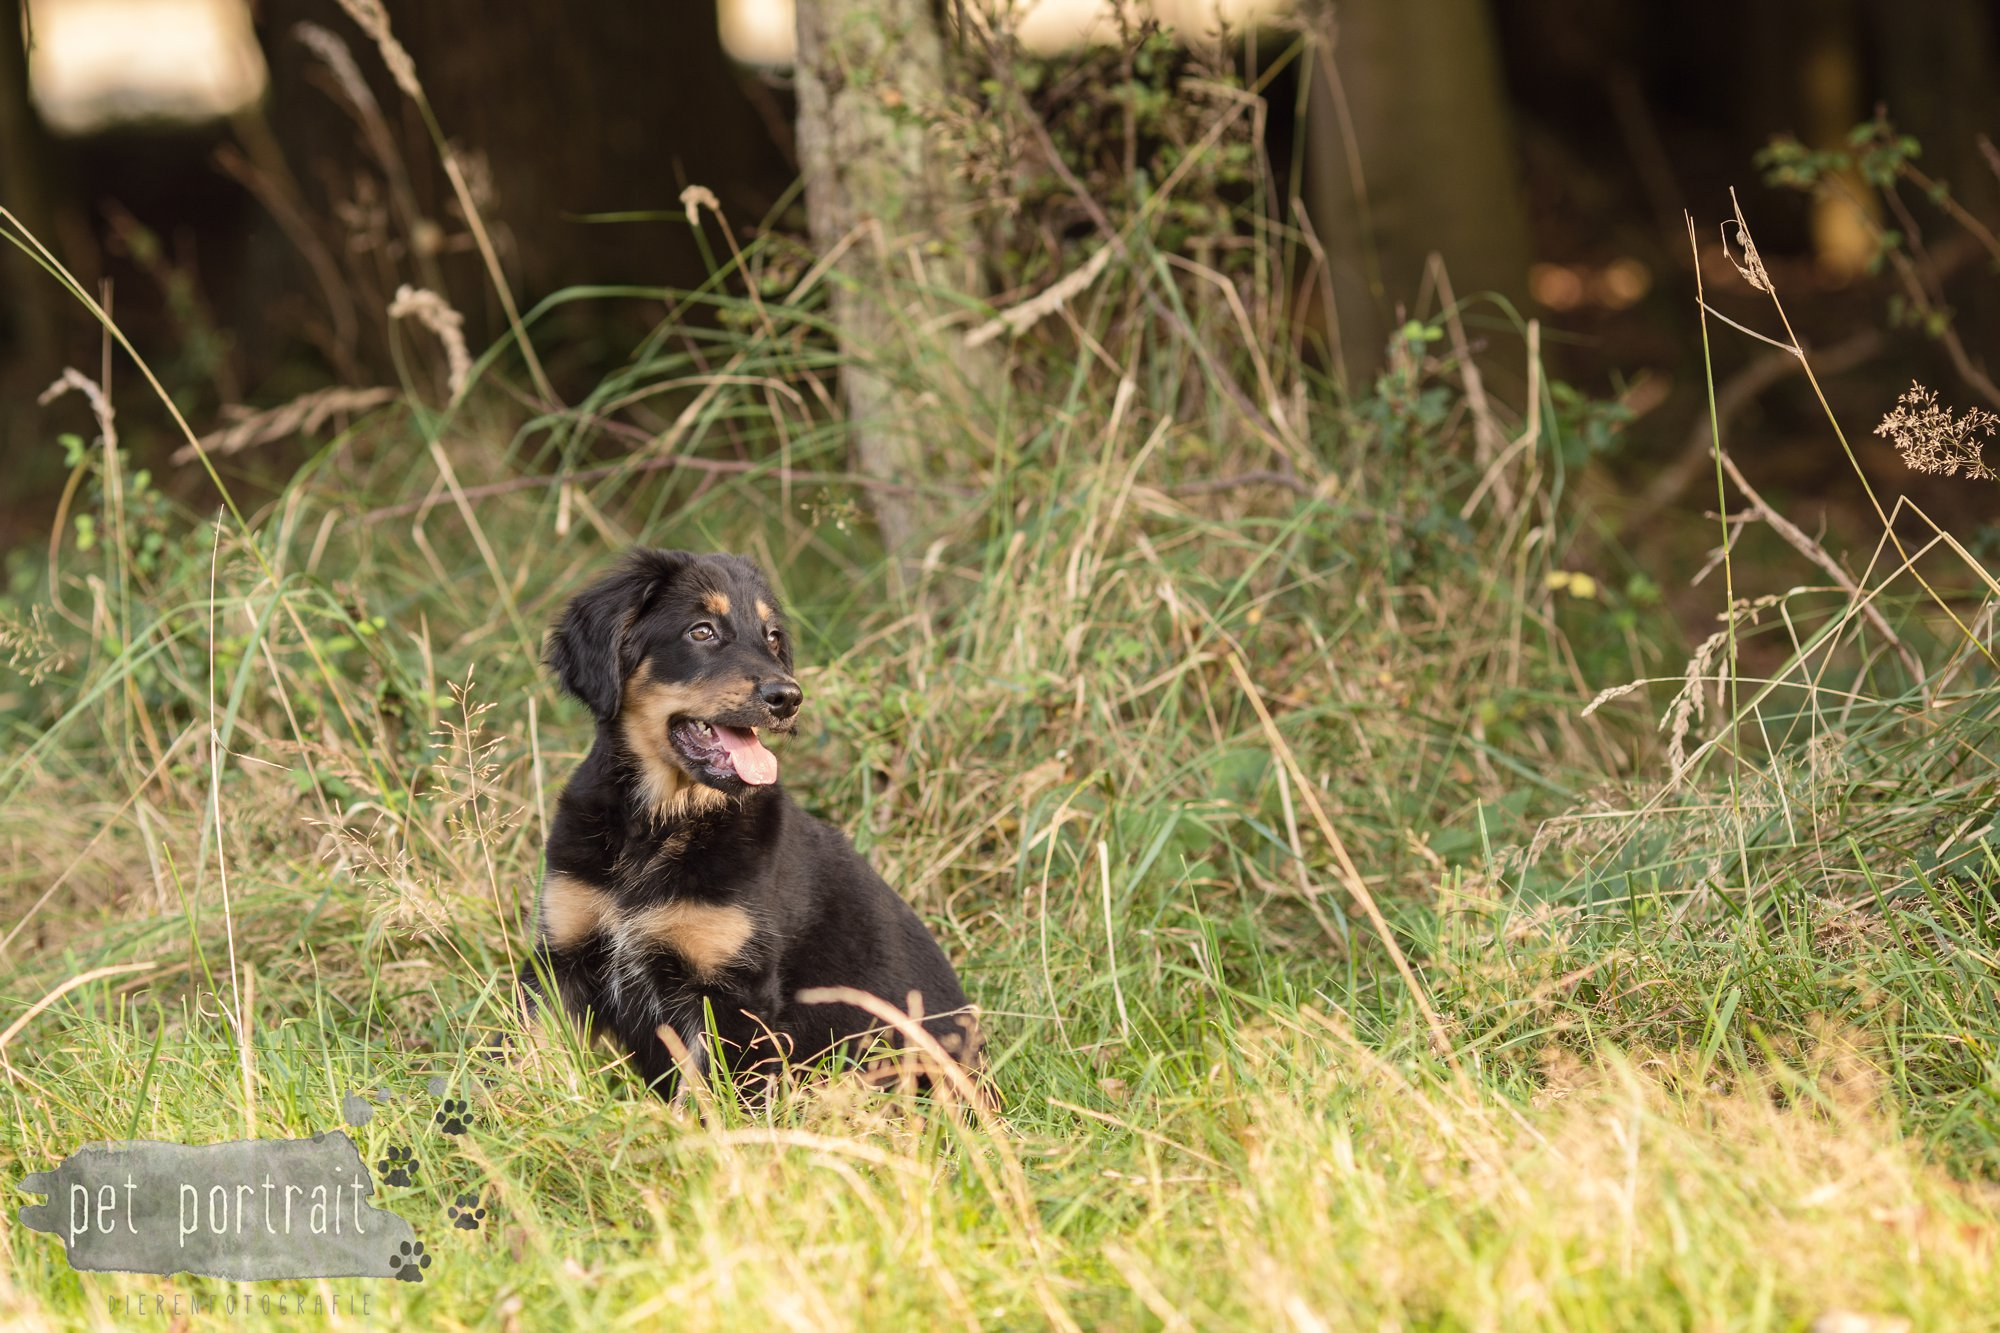 hondenfotograaf-noordwijkerhout-groei-mee-sessie-1-voor-sam-15